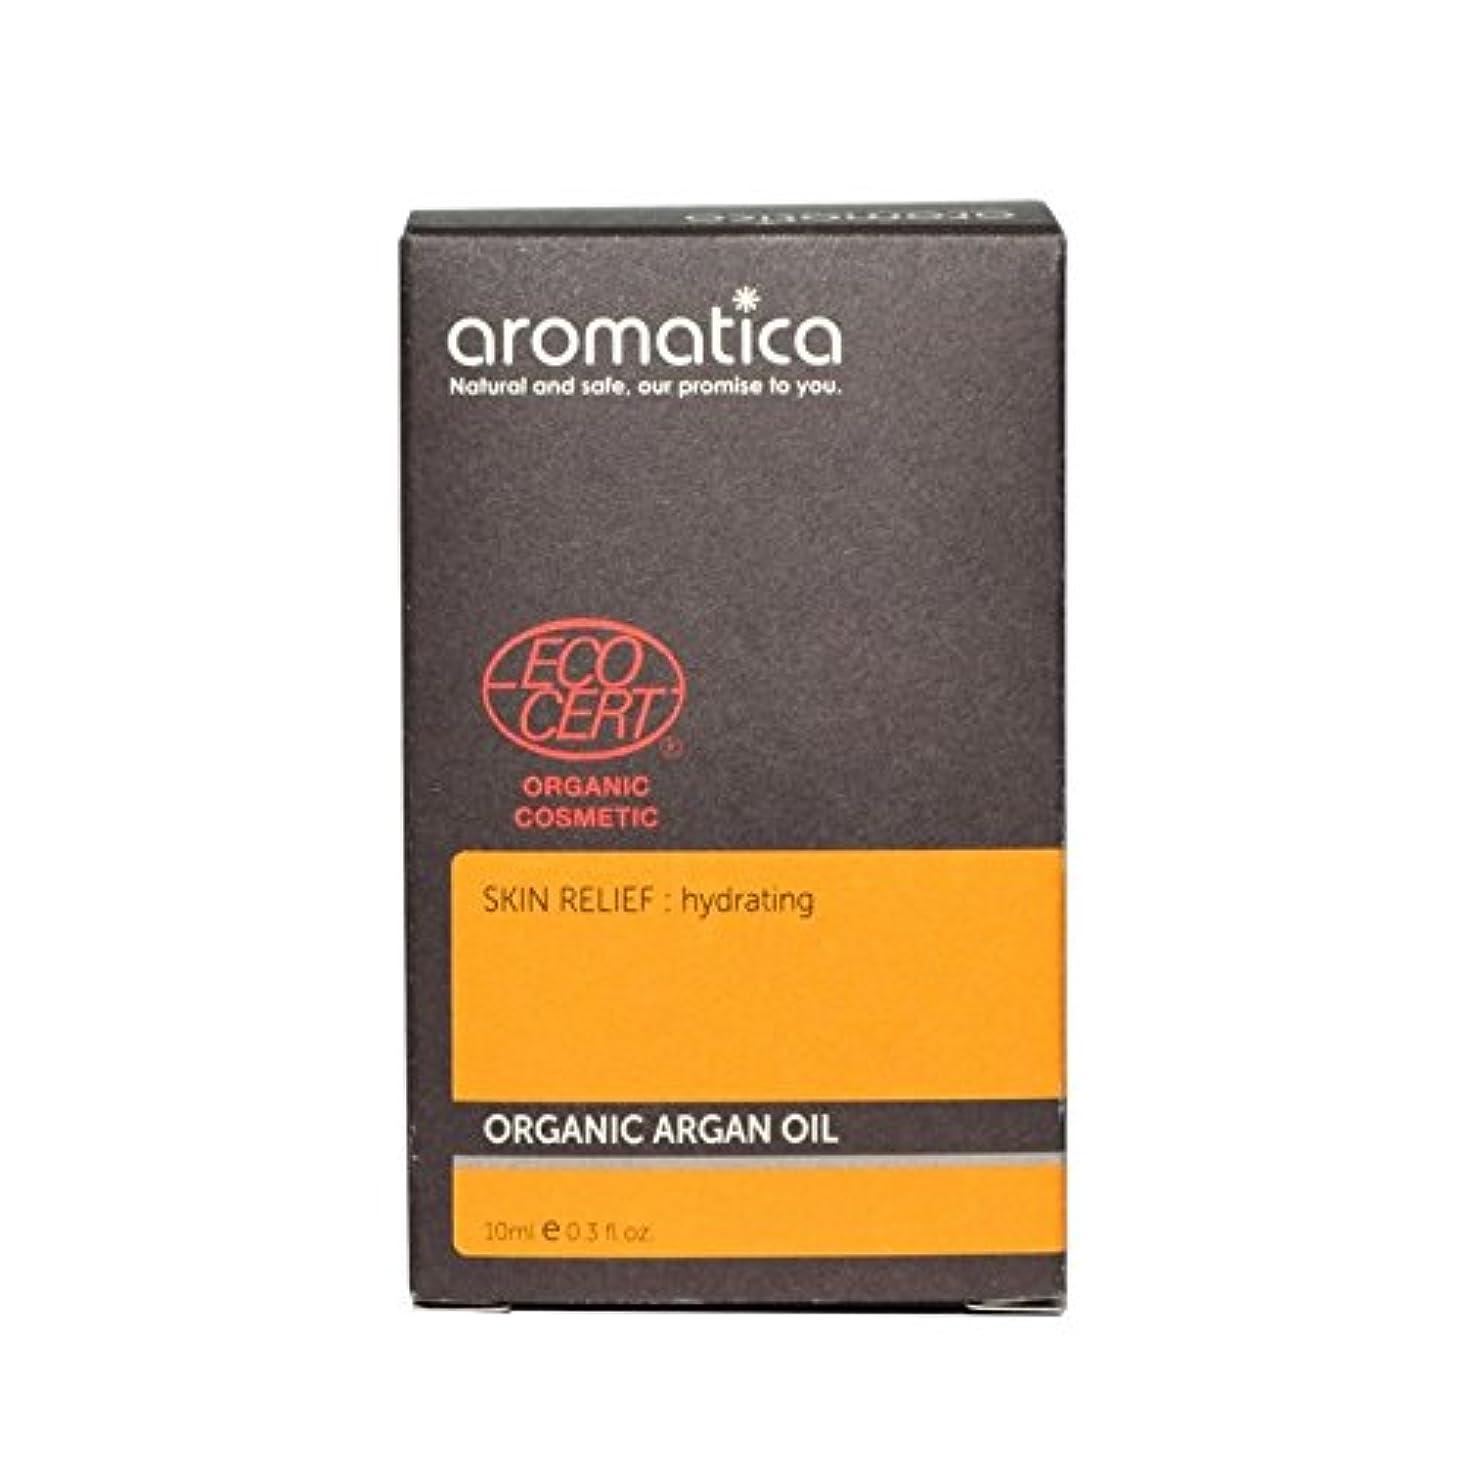 土包括的サルベージaromatica Organic Argan Oil 10ml (Pack of 6) - オーガニックアルガンオイル10ミリリットル x6 [並行輸入品]